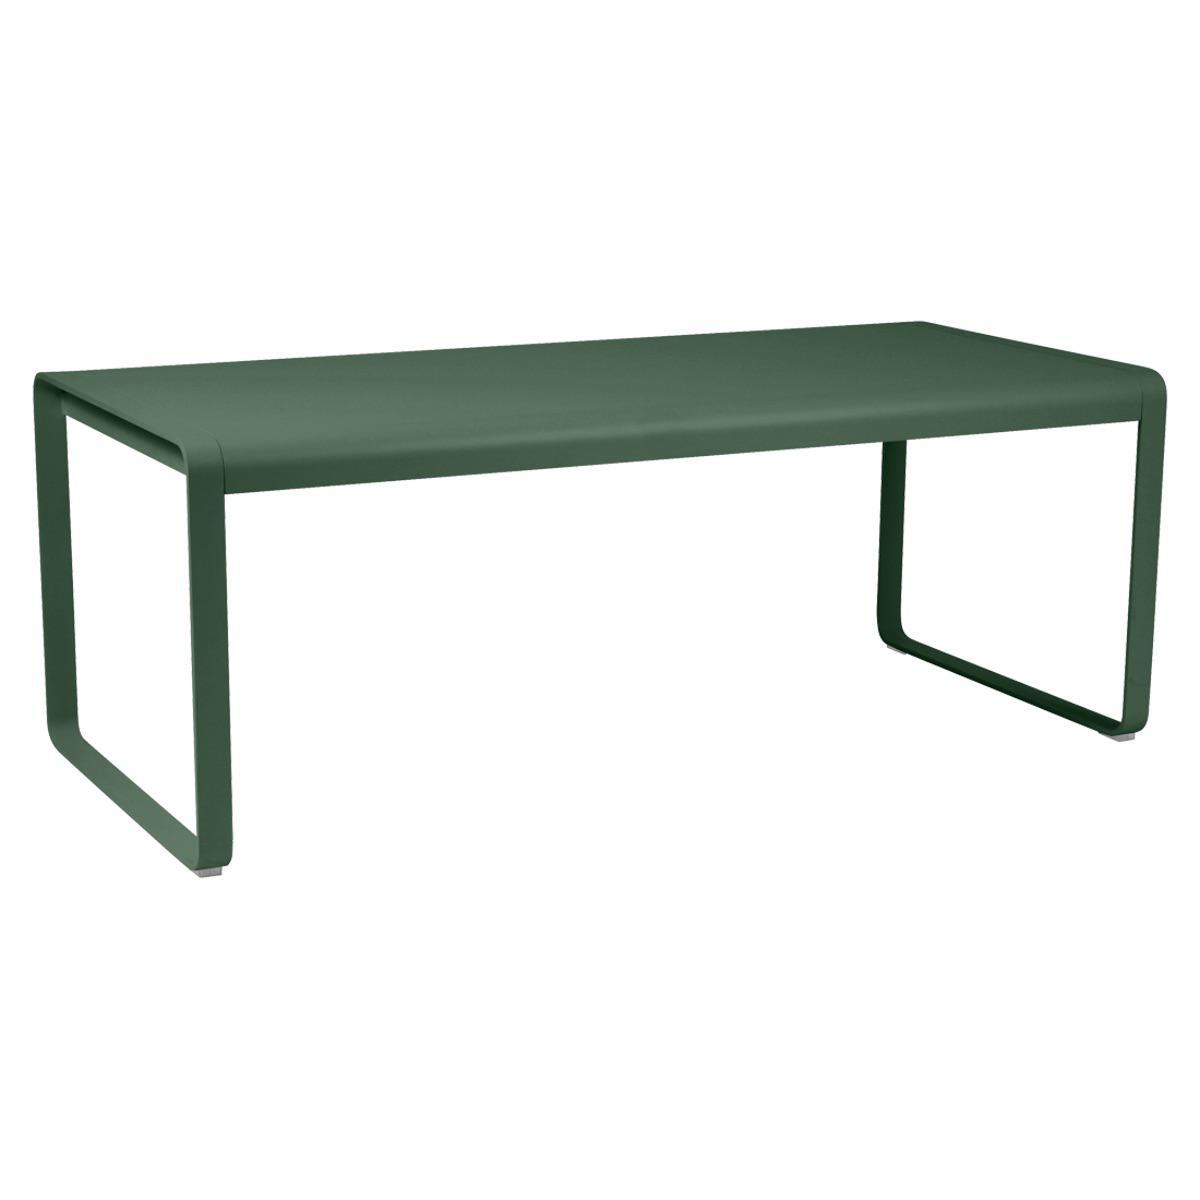 Table 90x196cm BELLEVIE PREMIUM Fermob vert cèdre